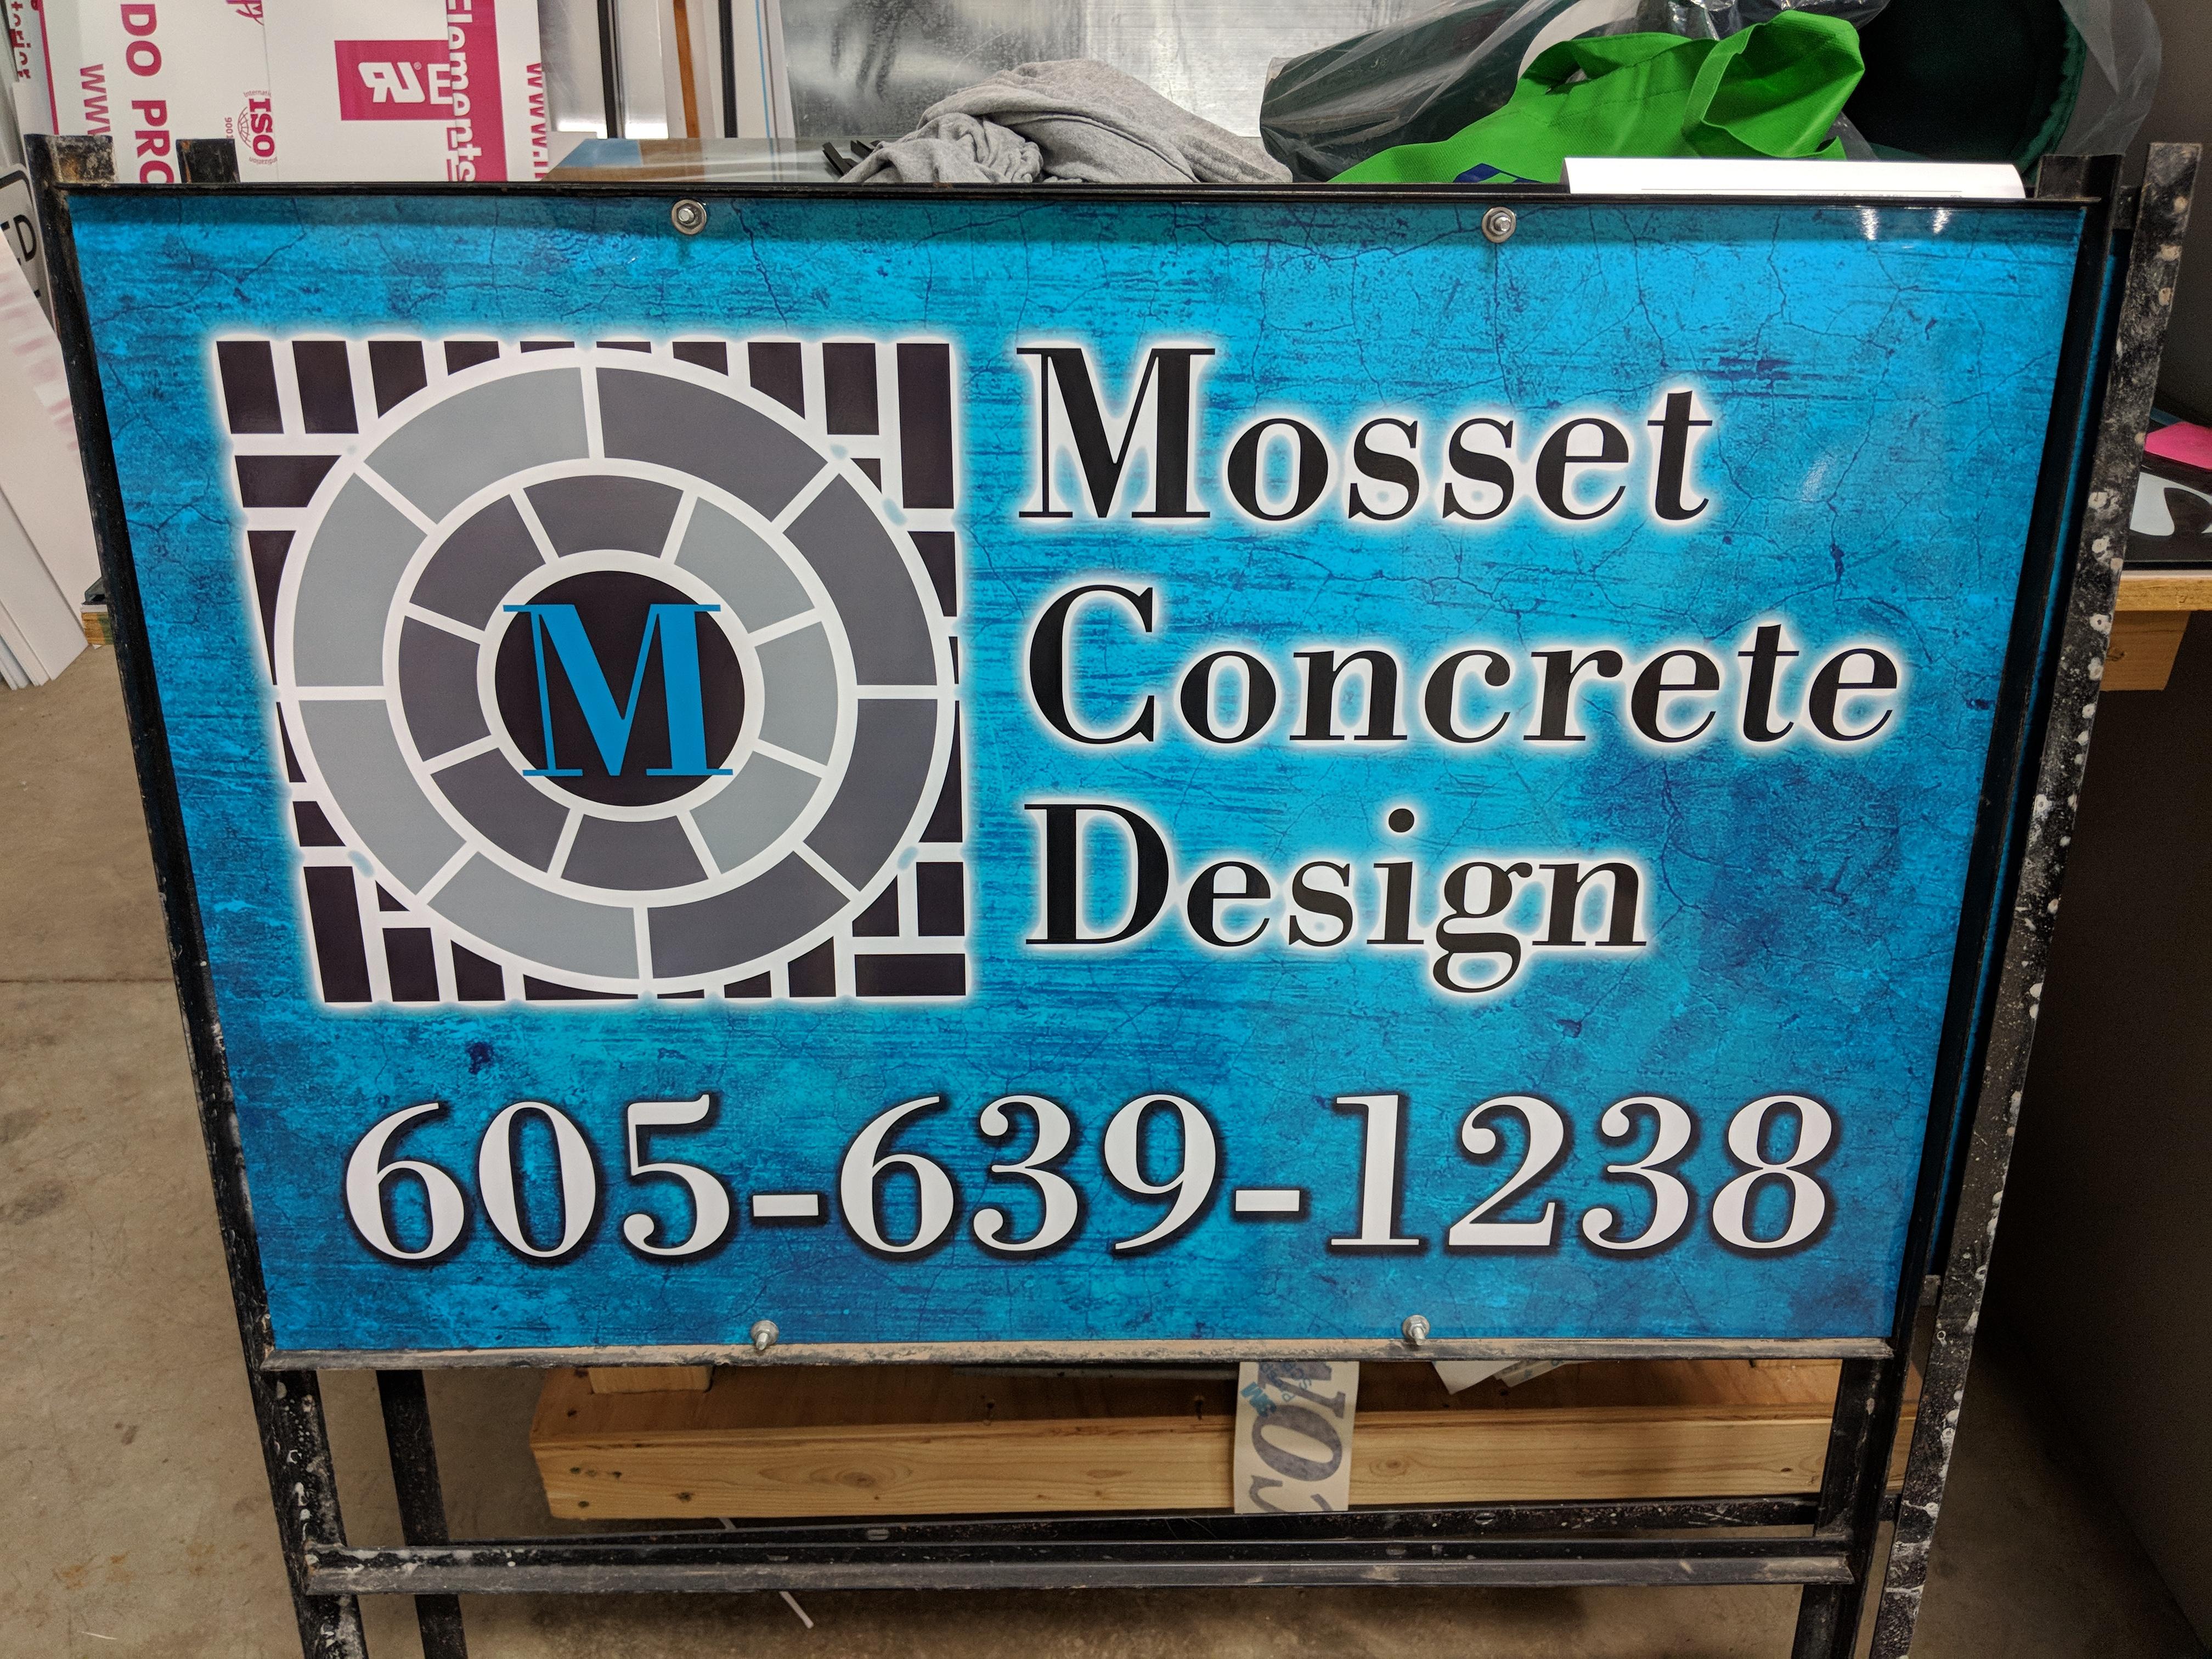 Mosset Concrete Design